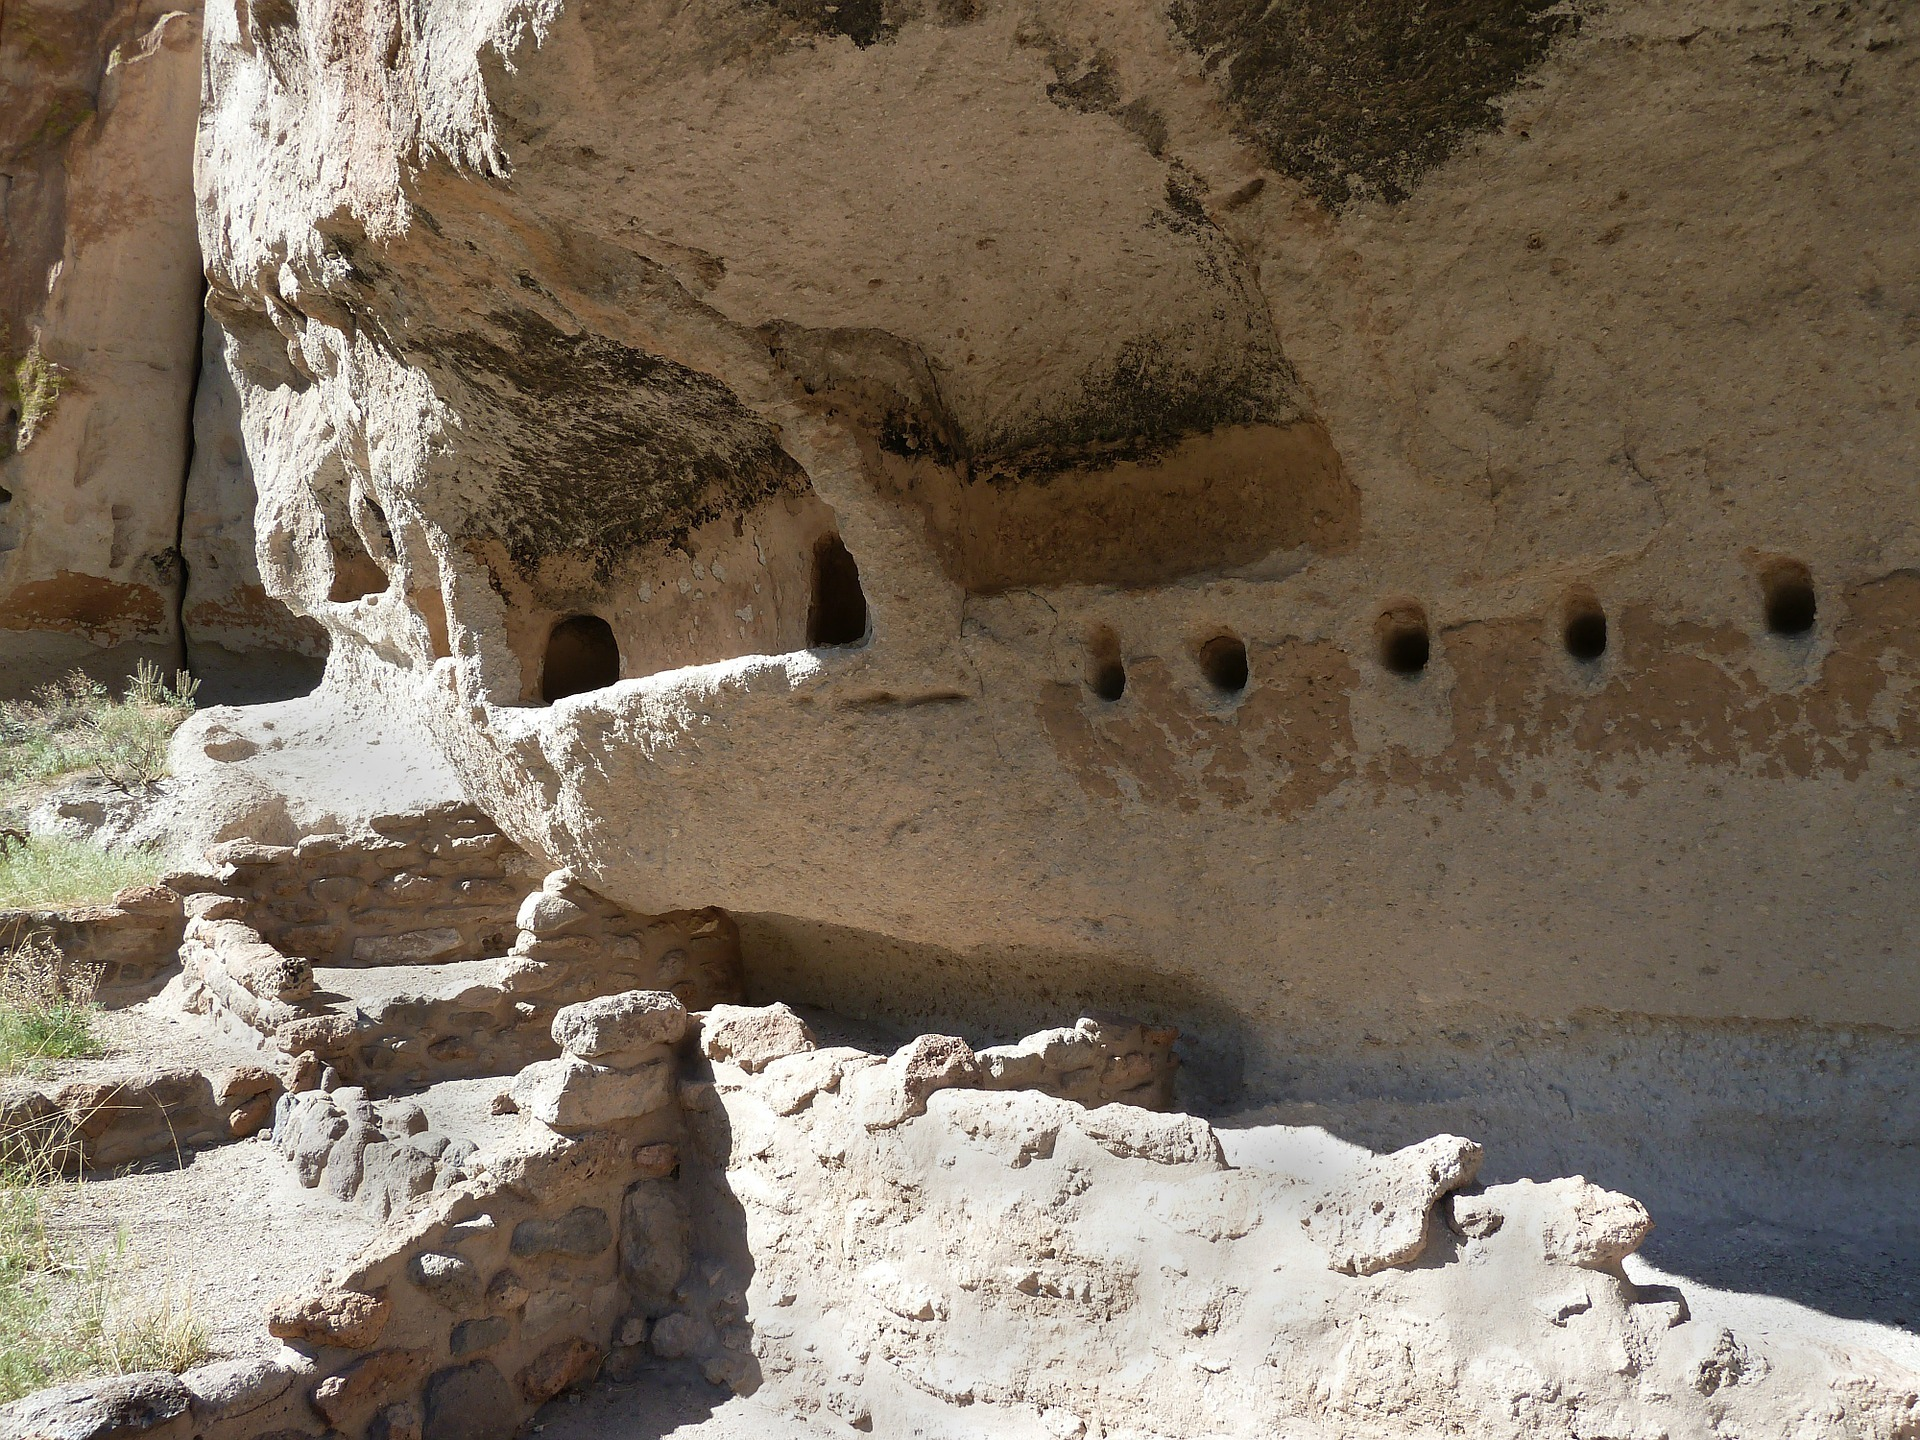 バンダリア・古代インディアン・アナサジ遺跡ツアー